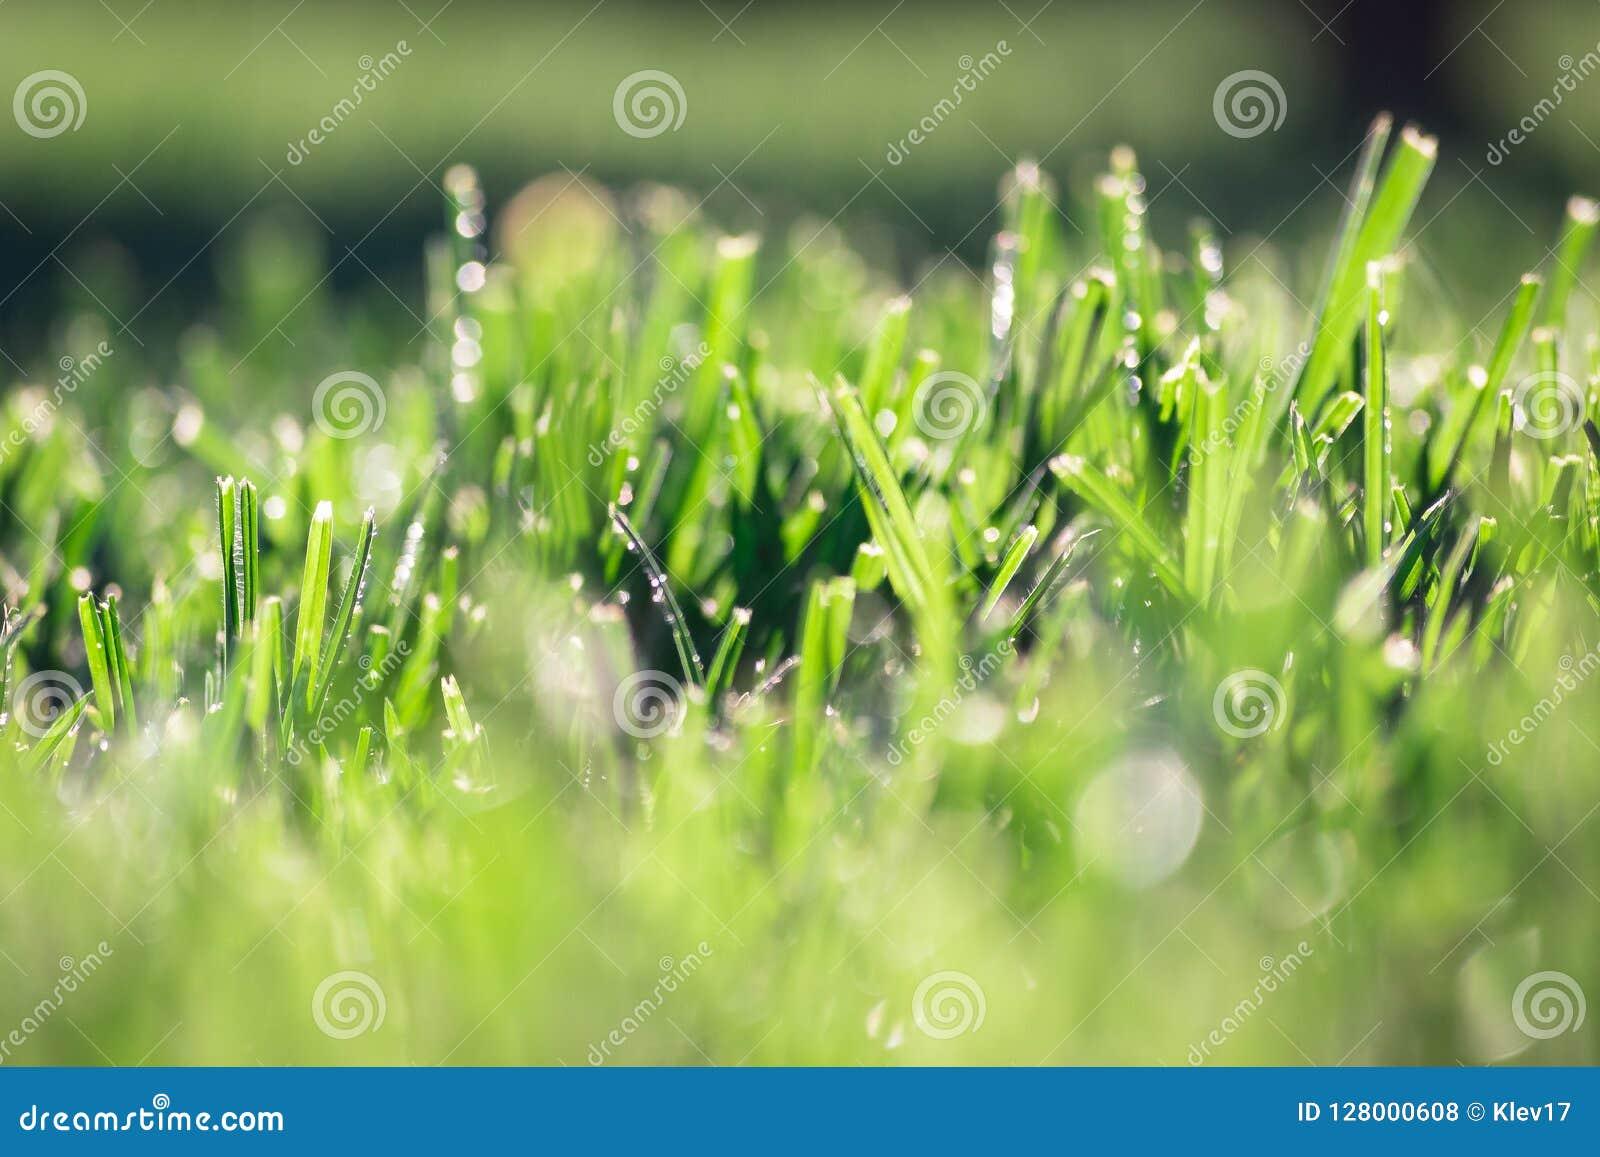 Background wallpaper texture of grass